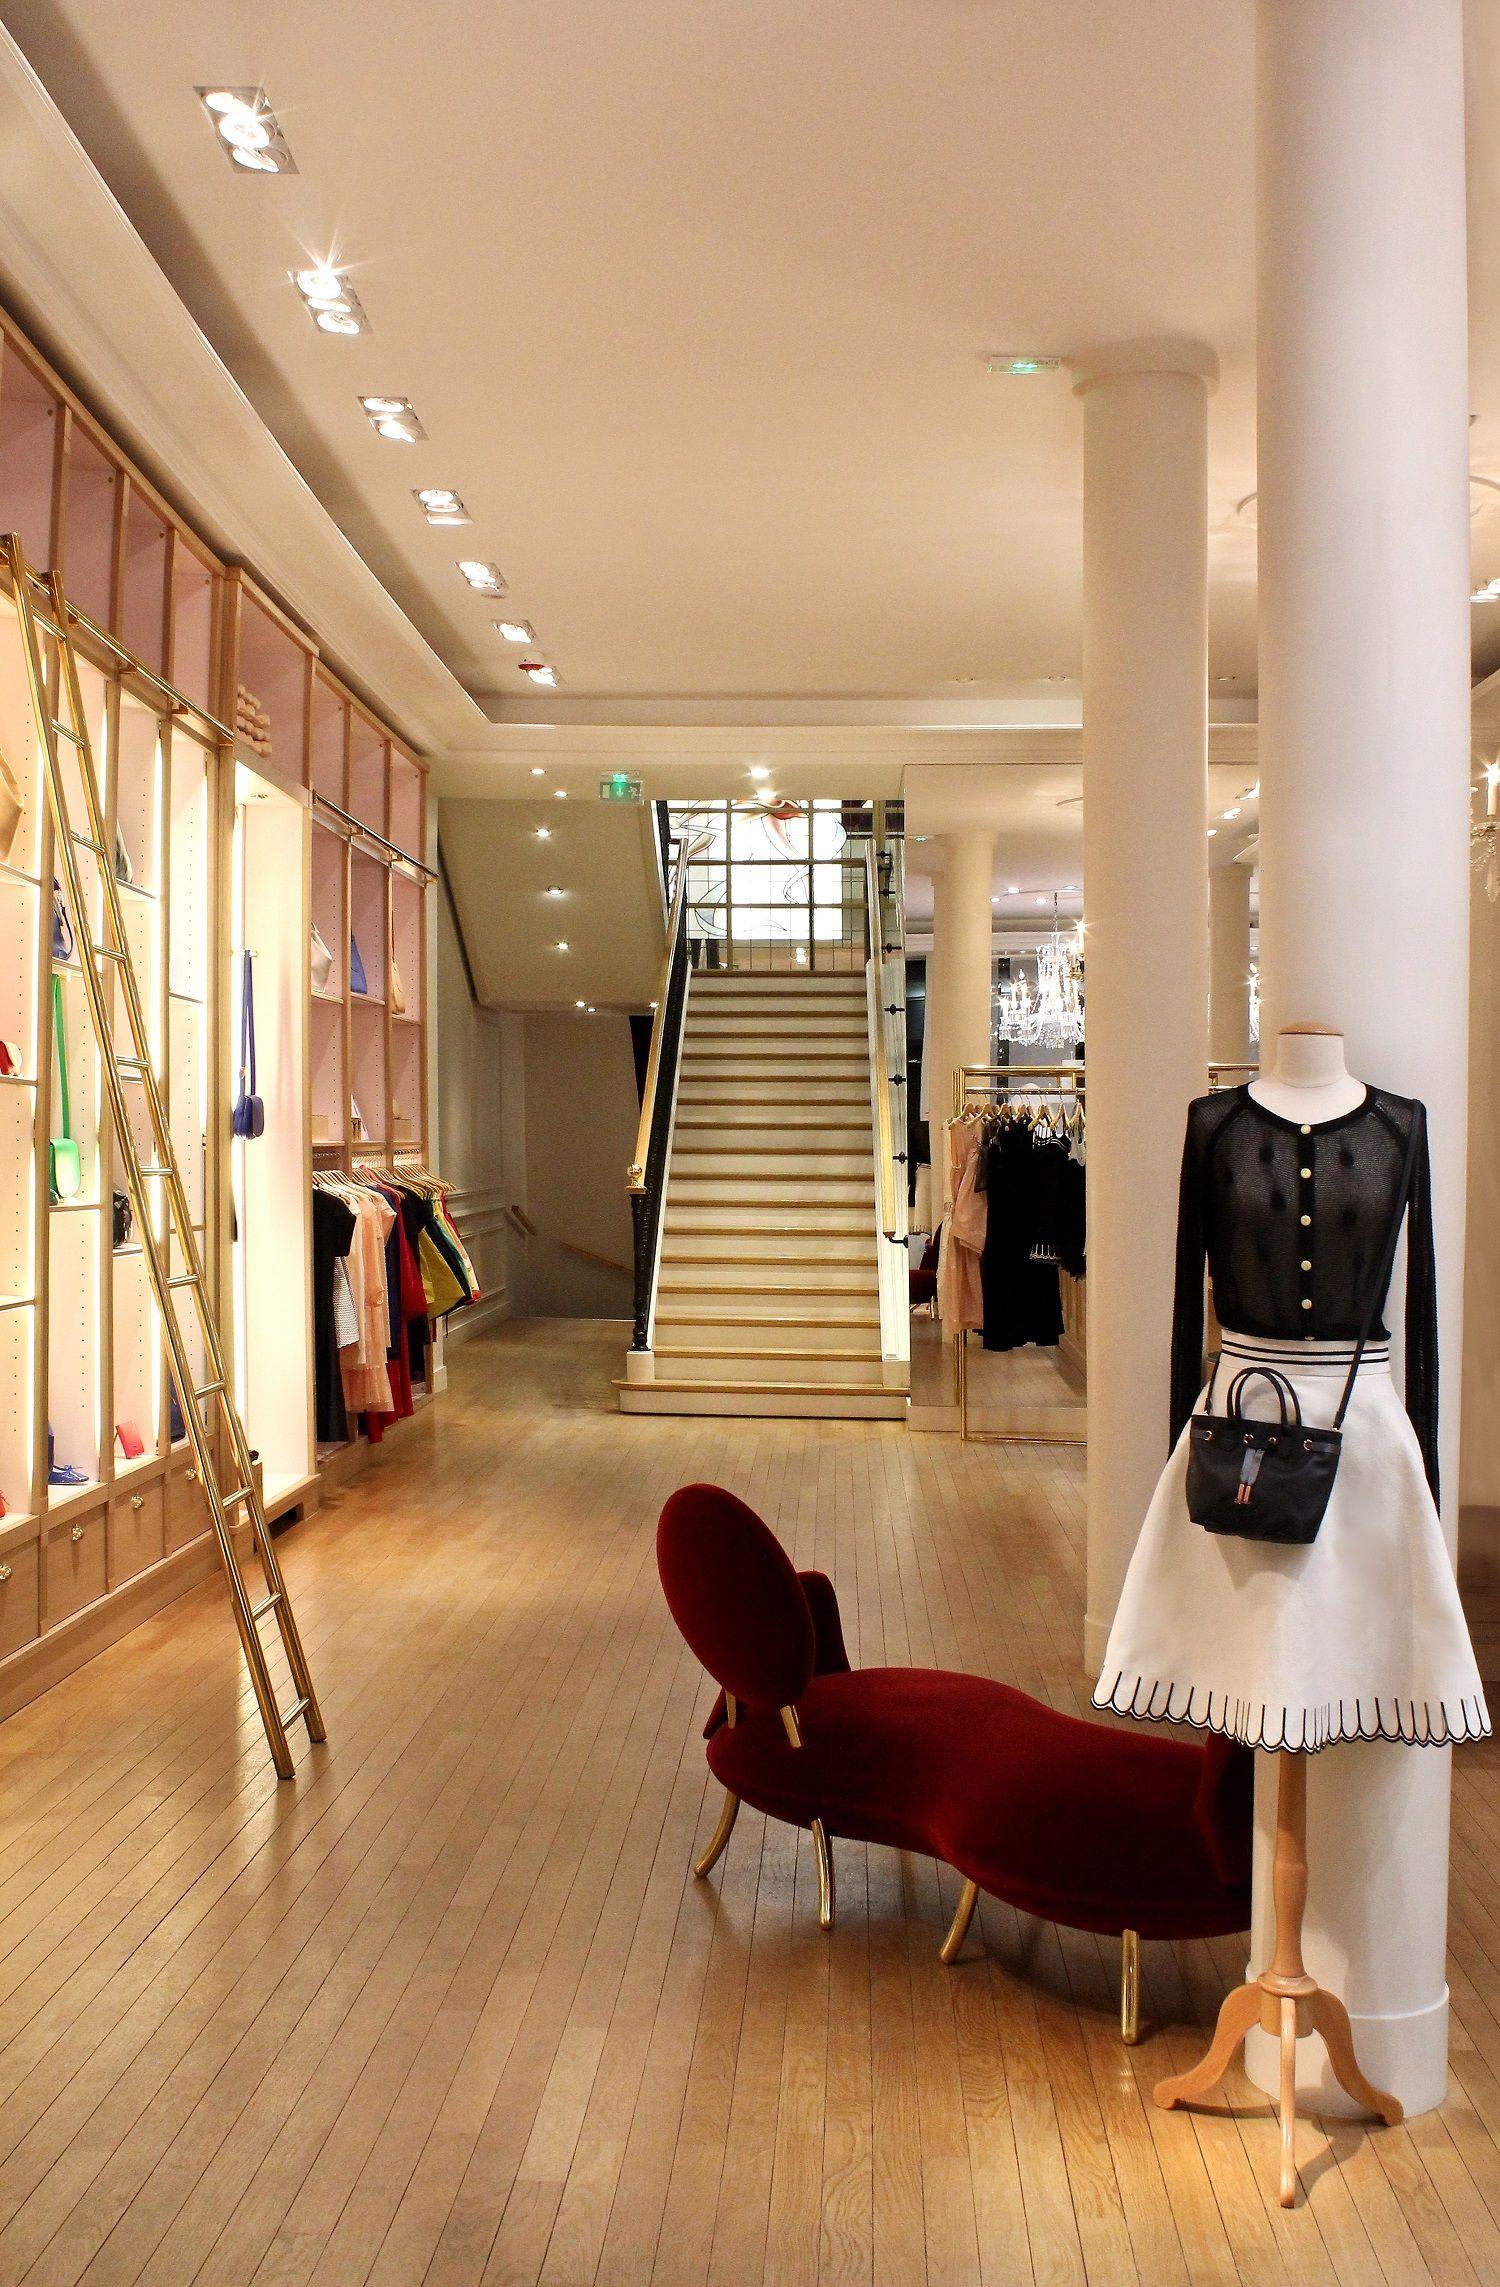 Inside Repetto S Boutique 22 Rue De La Paix In Paris Repetto Repettostores Flagshipstore Repetto Dancers Outfit Inspiration